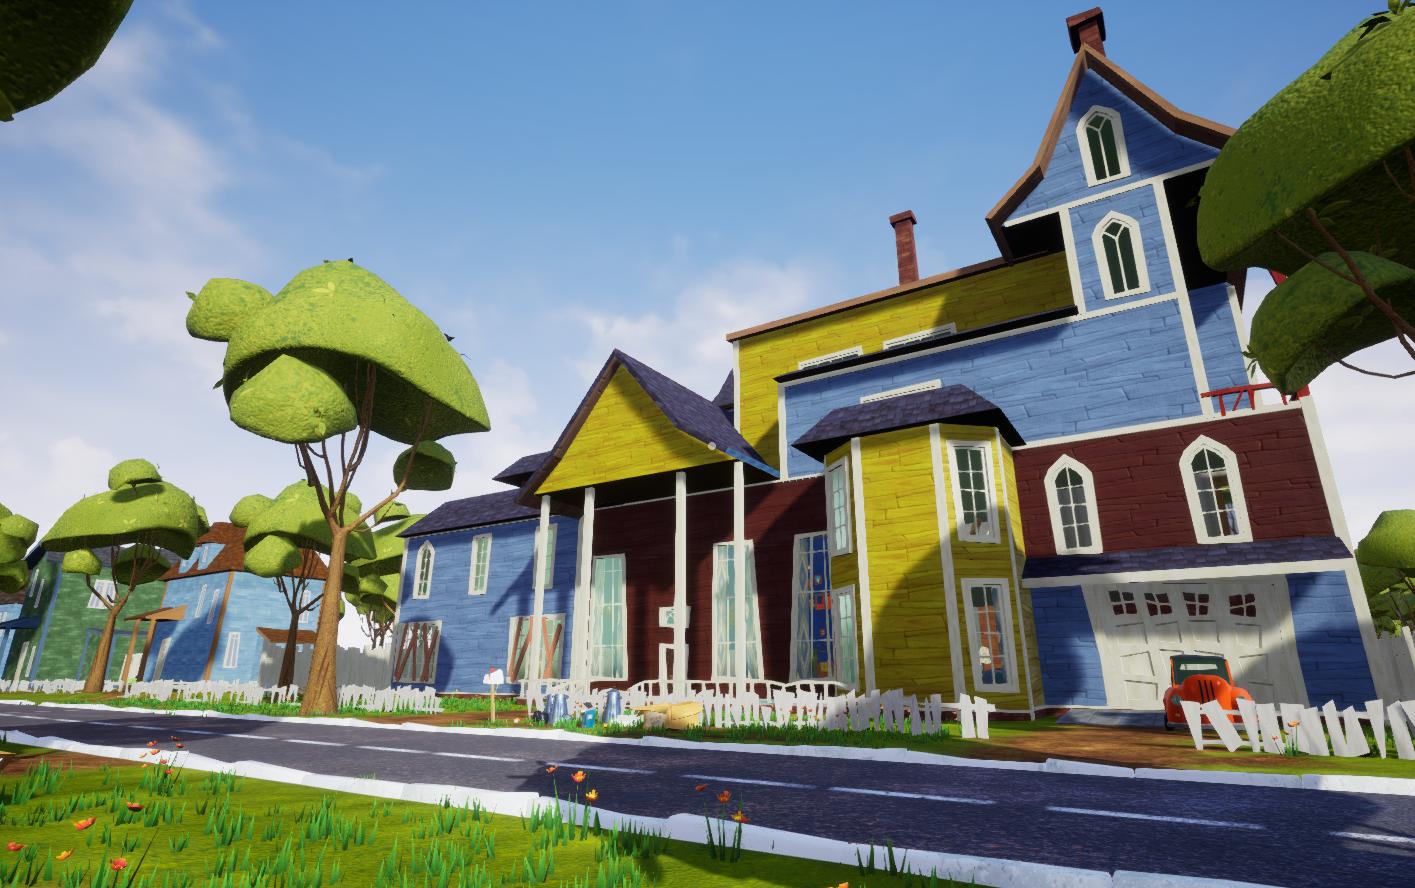 美しい Hello Neighbor House Layout - 私たちはソガトです